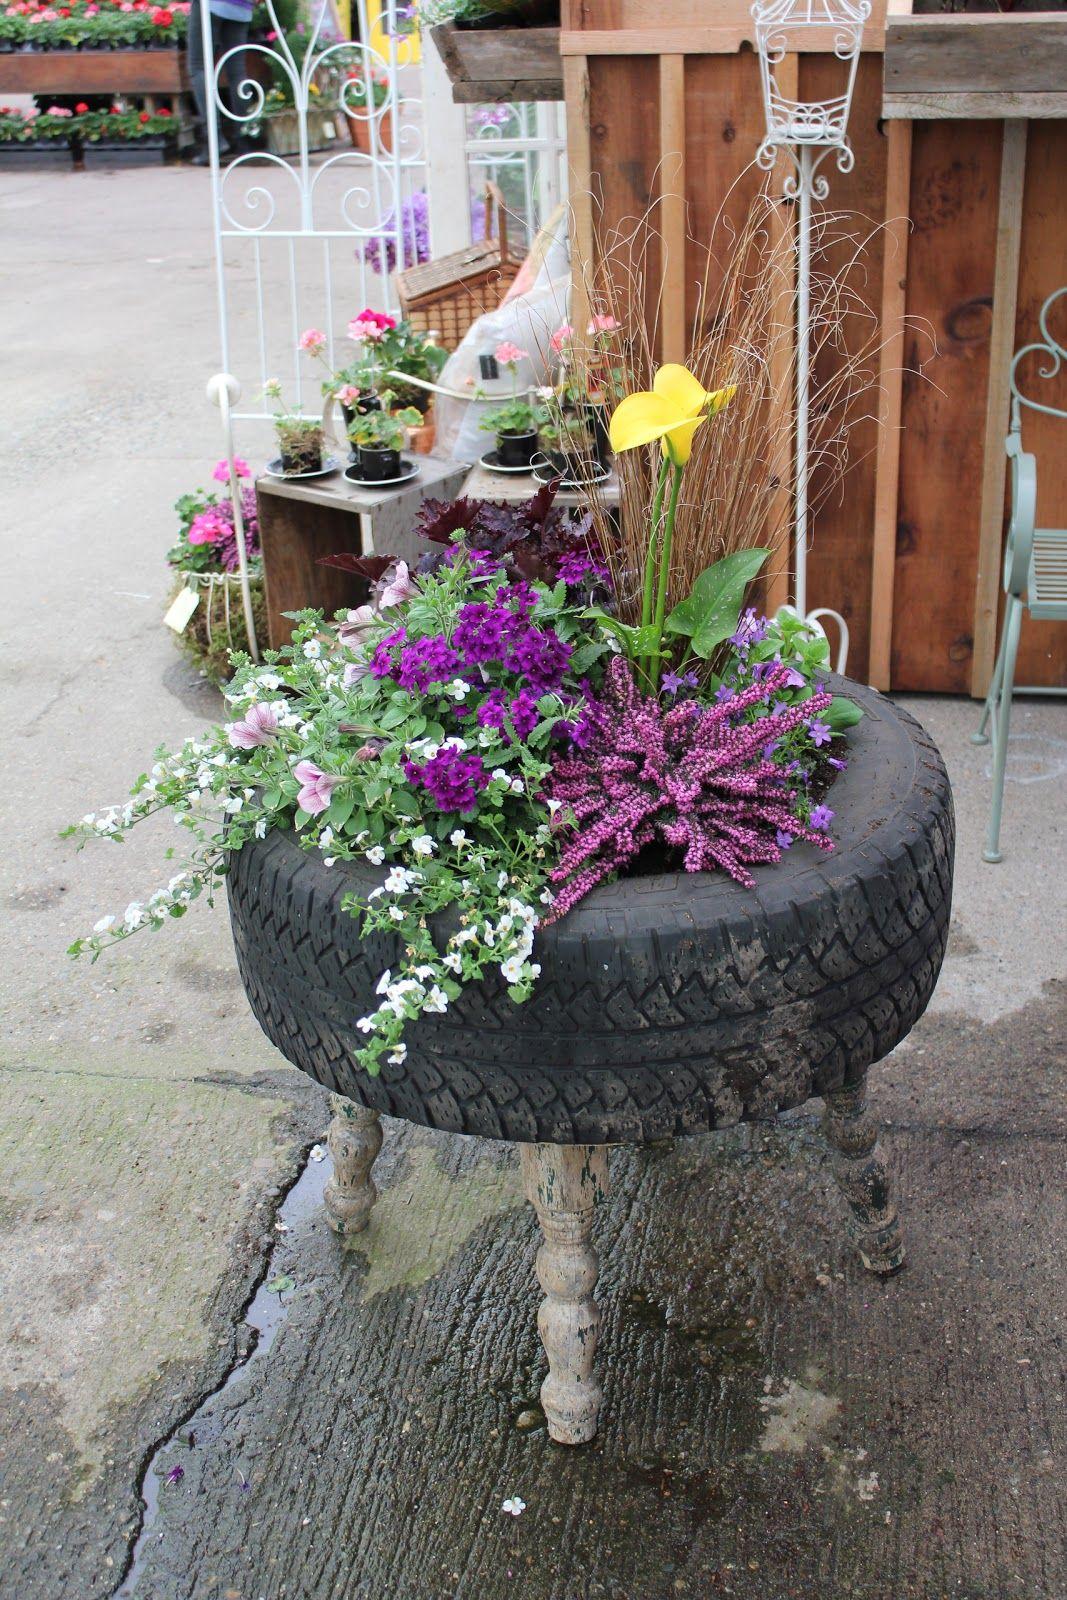 Поделки из шин : клумбы, вазоны, цветочники, садовые фигуры, мебель 1